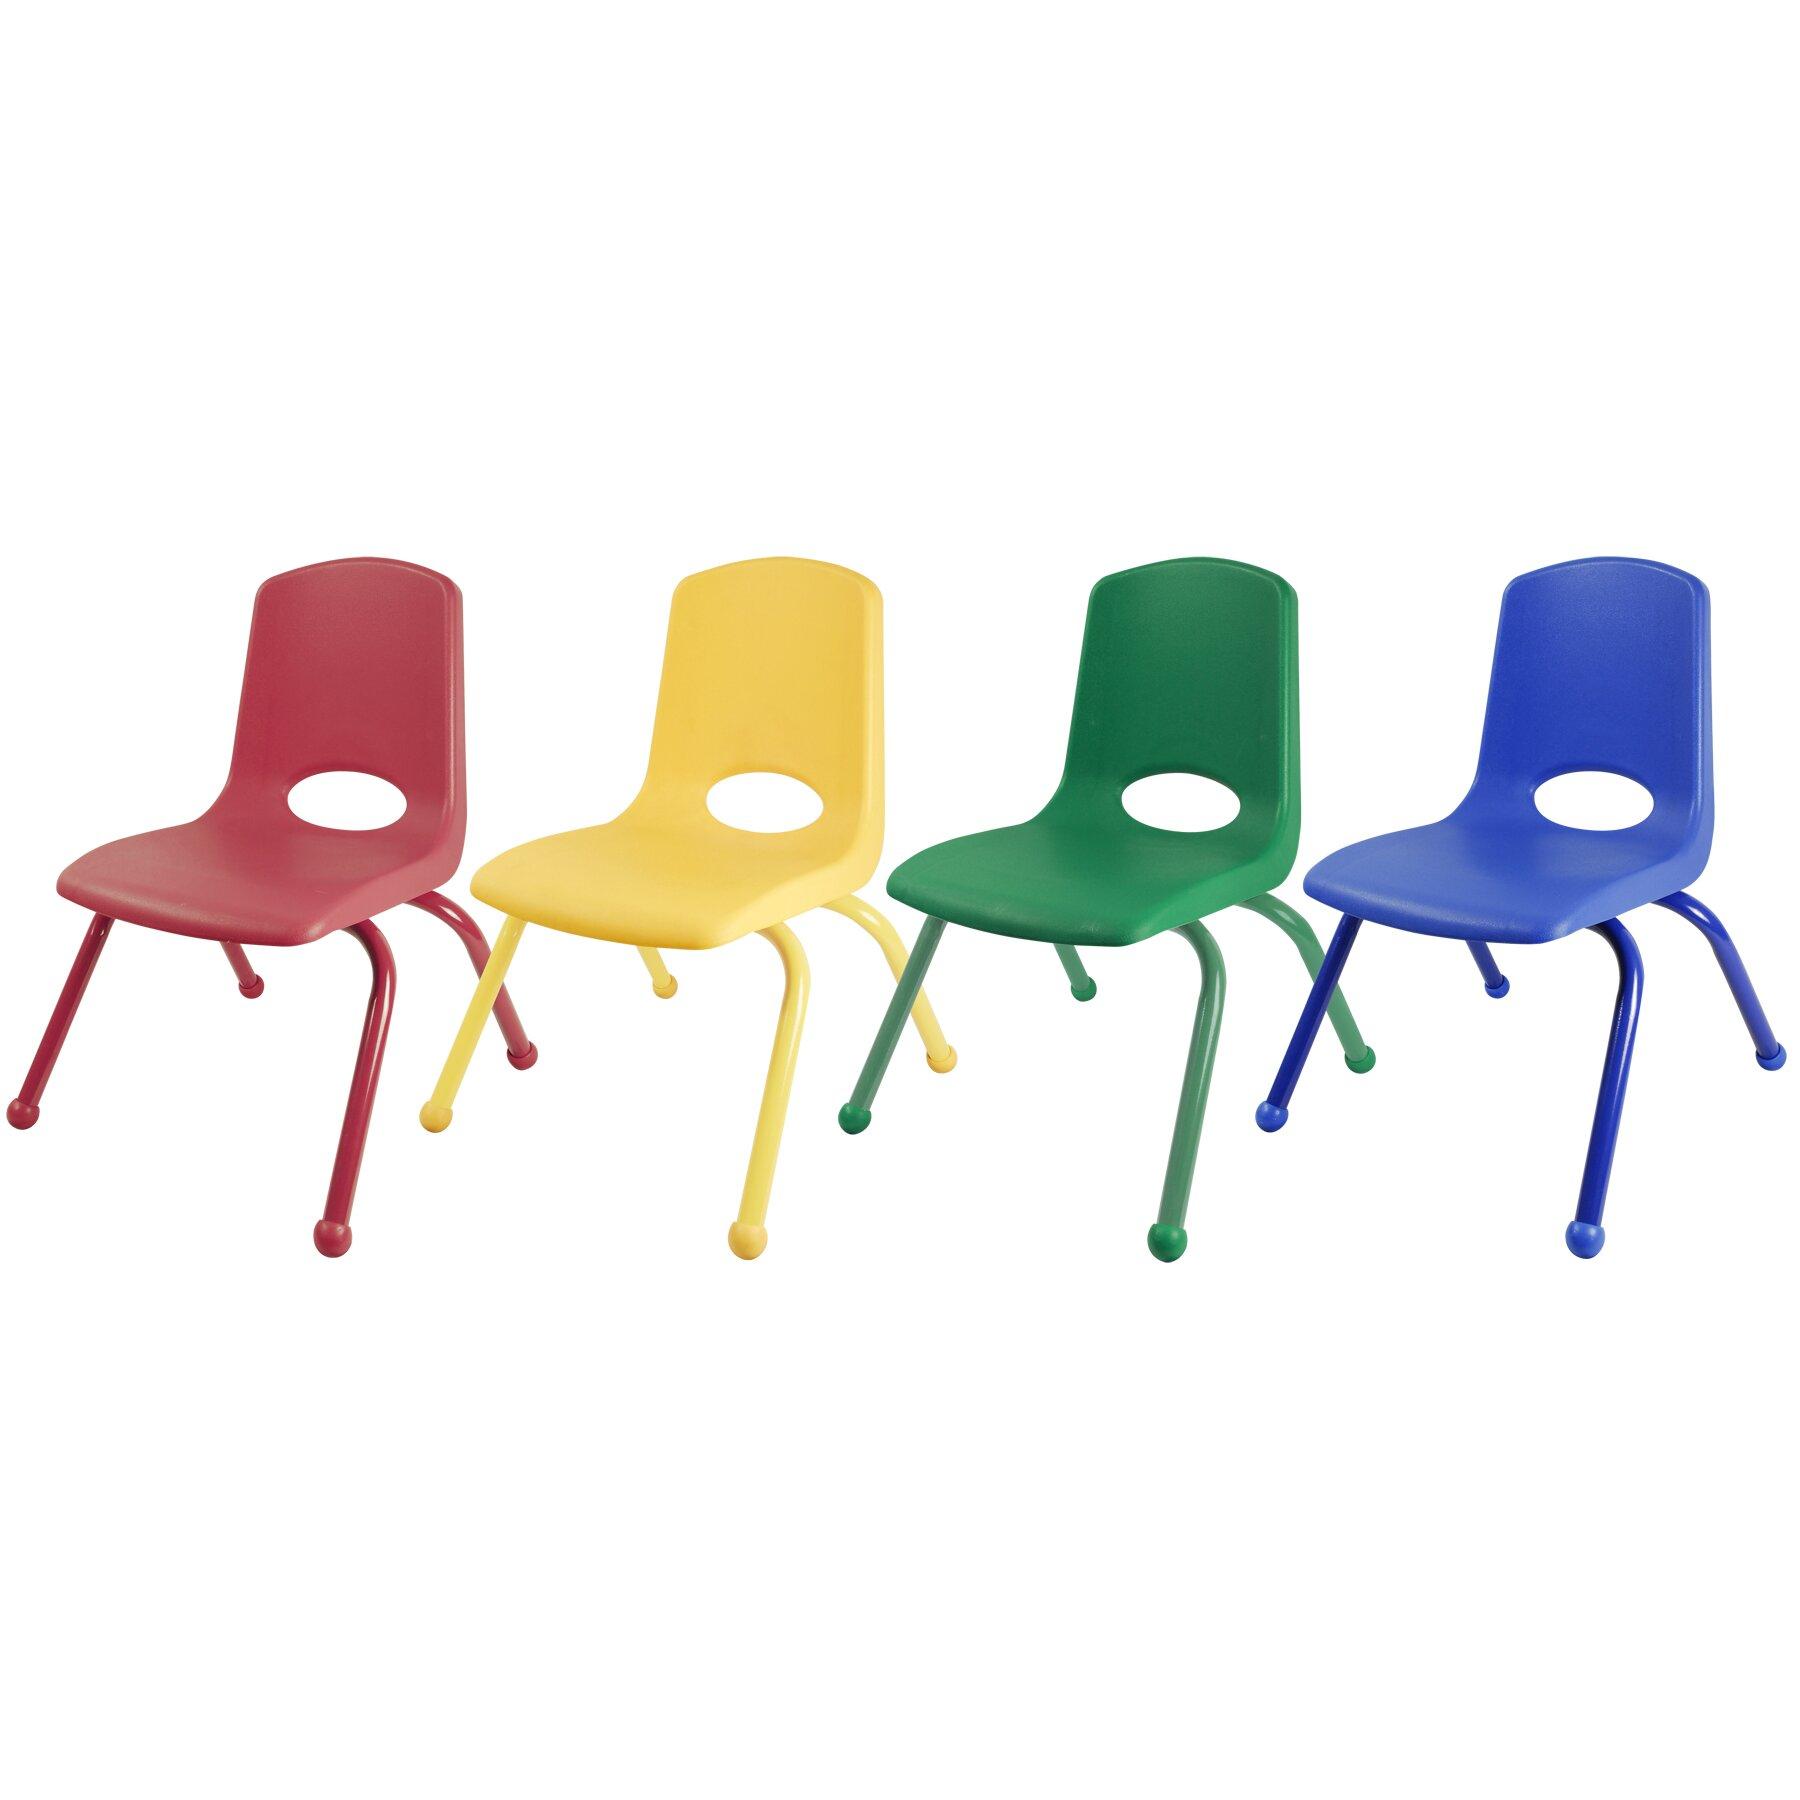 Ecr4kids Plastic Classroom Chair Reviews Wayfair